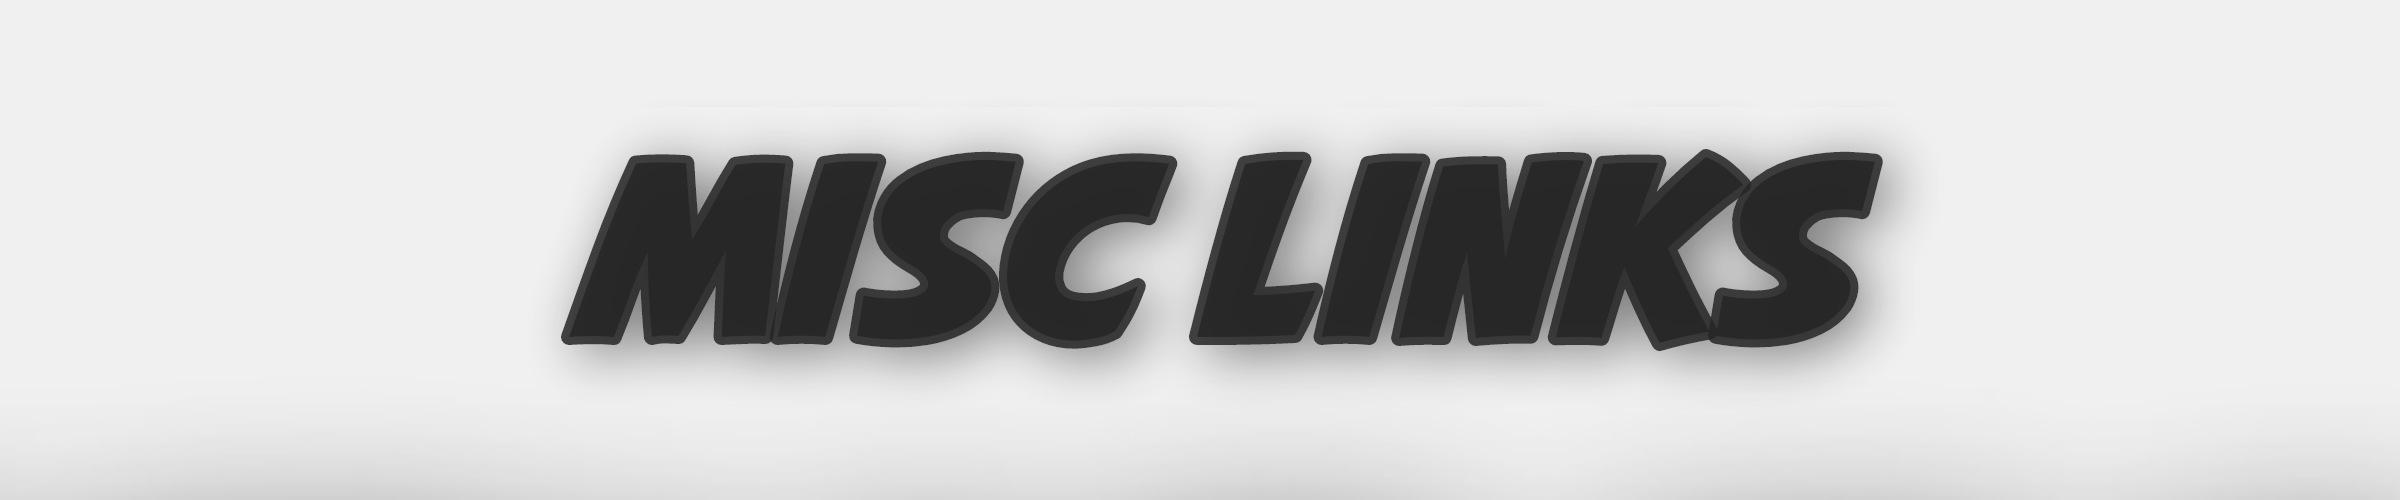 Misc Links.jpg